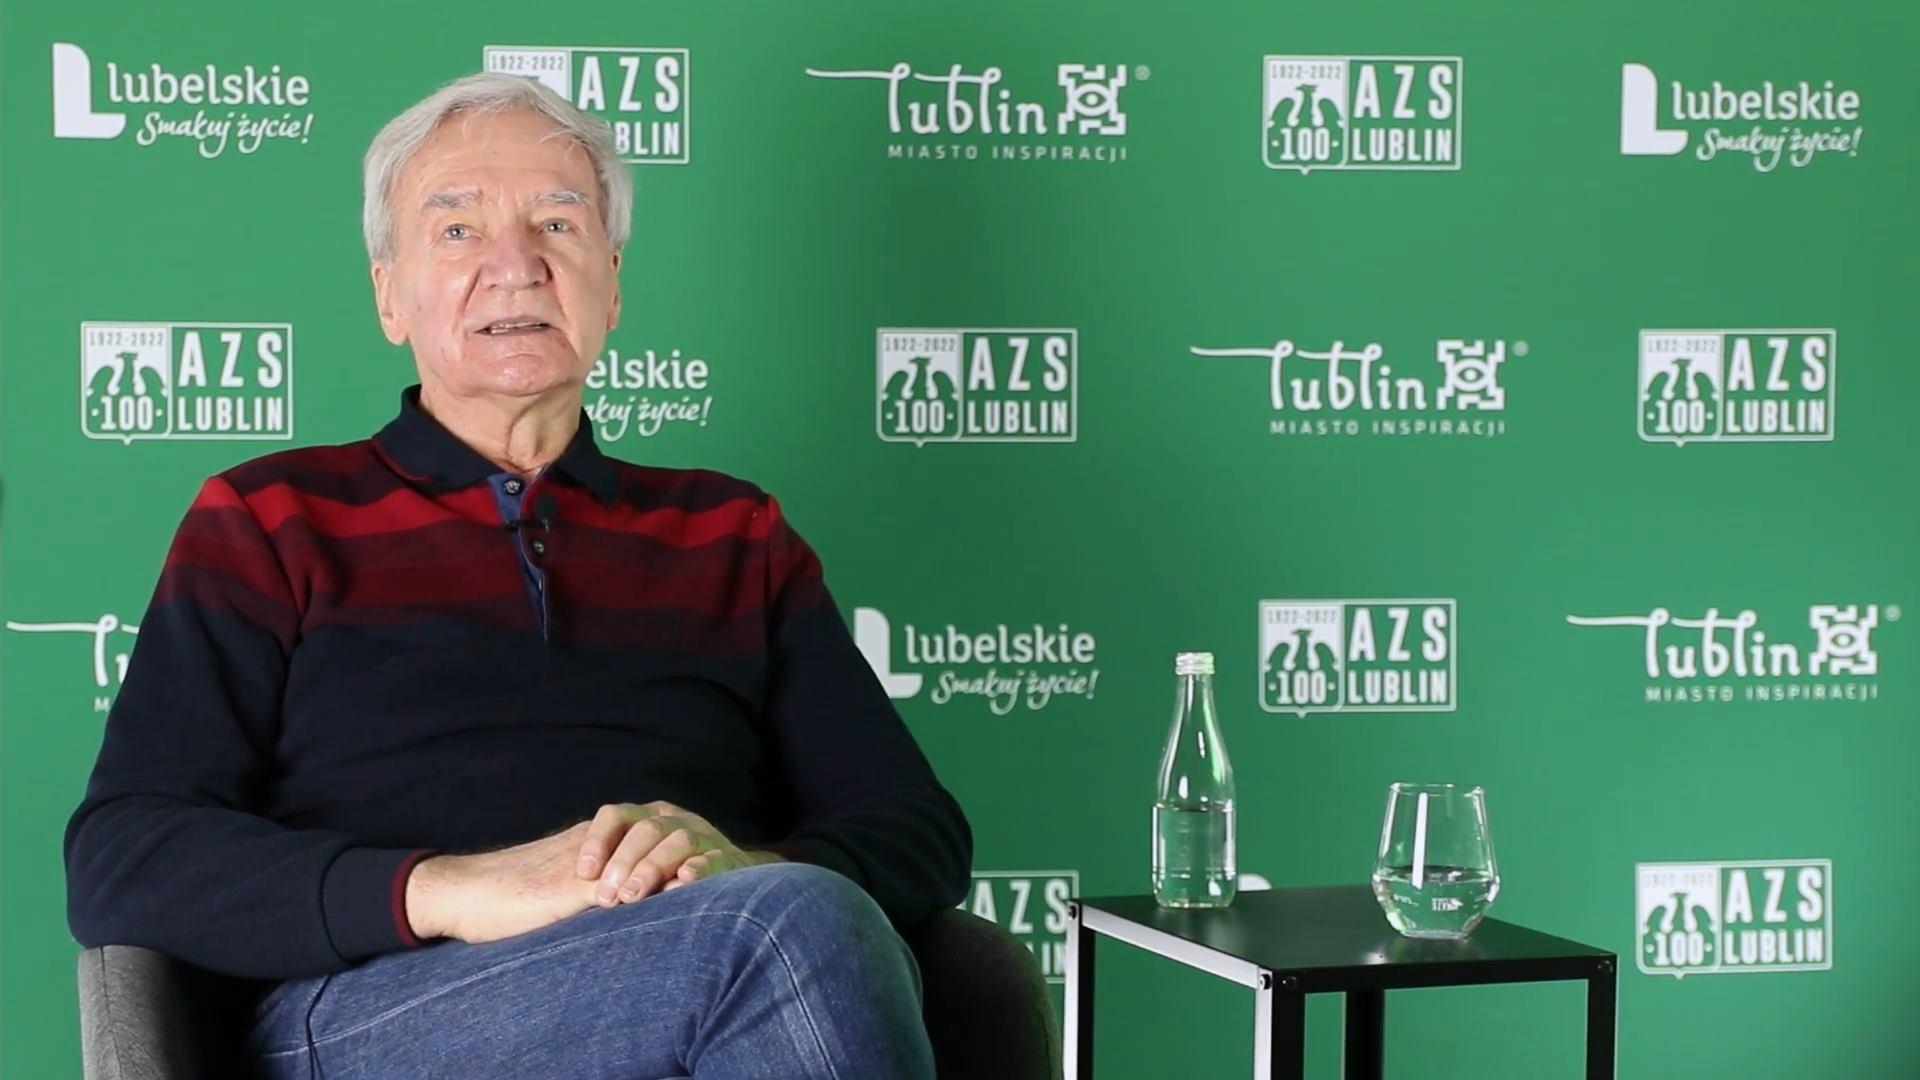 Wspomniania AZSiaków - Henryk Derkacz (nagranie)